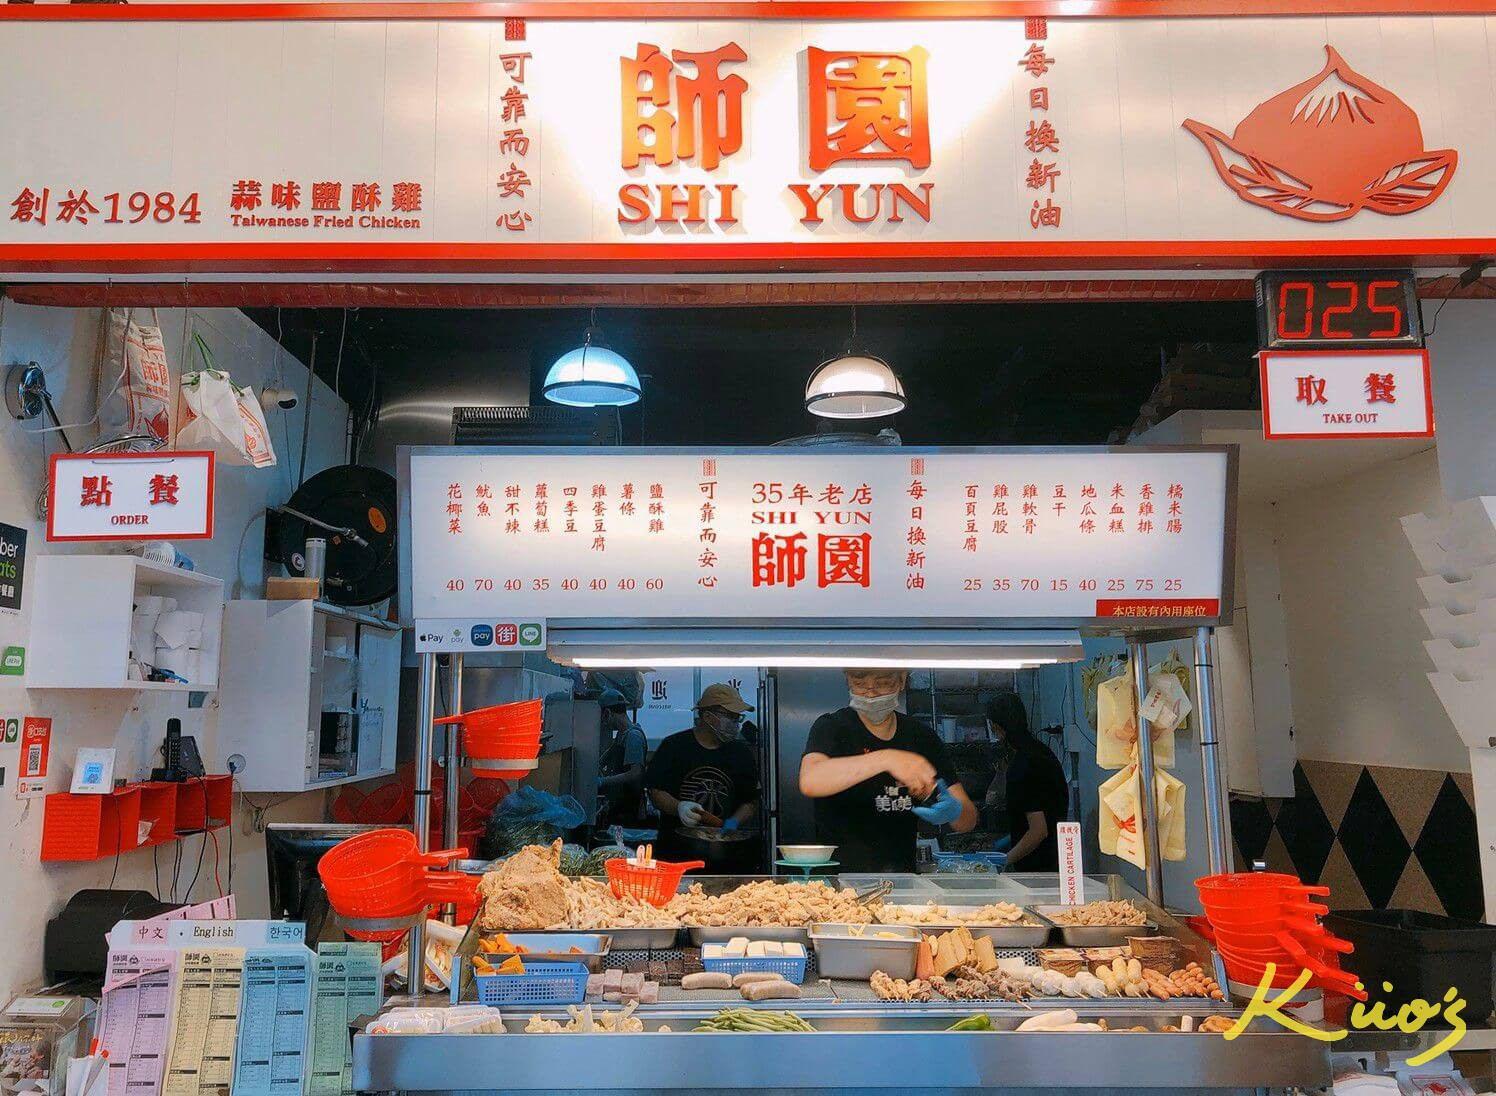 【台北必吃推薦】師園鹹酥雞-7折吃到地表最濃蒜味人氣美食(師大、西門店-店內示意